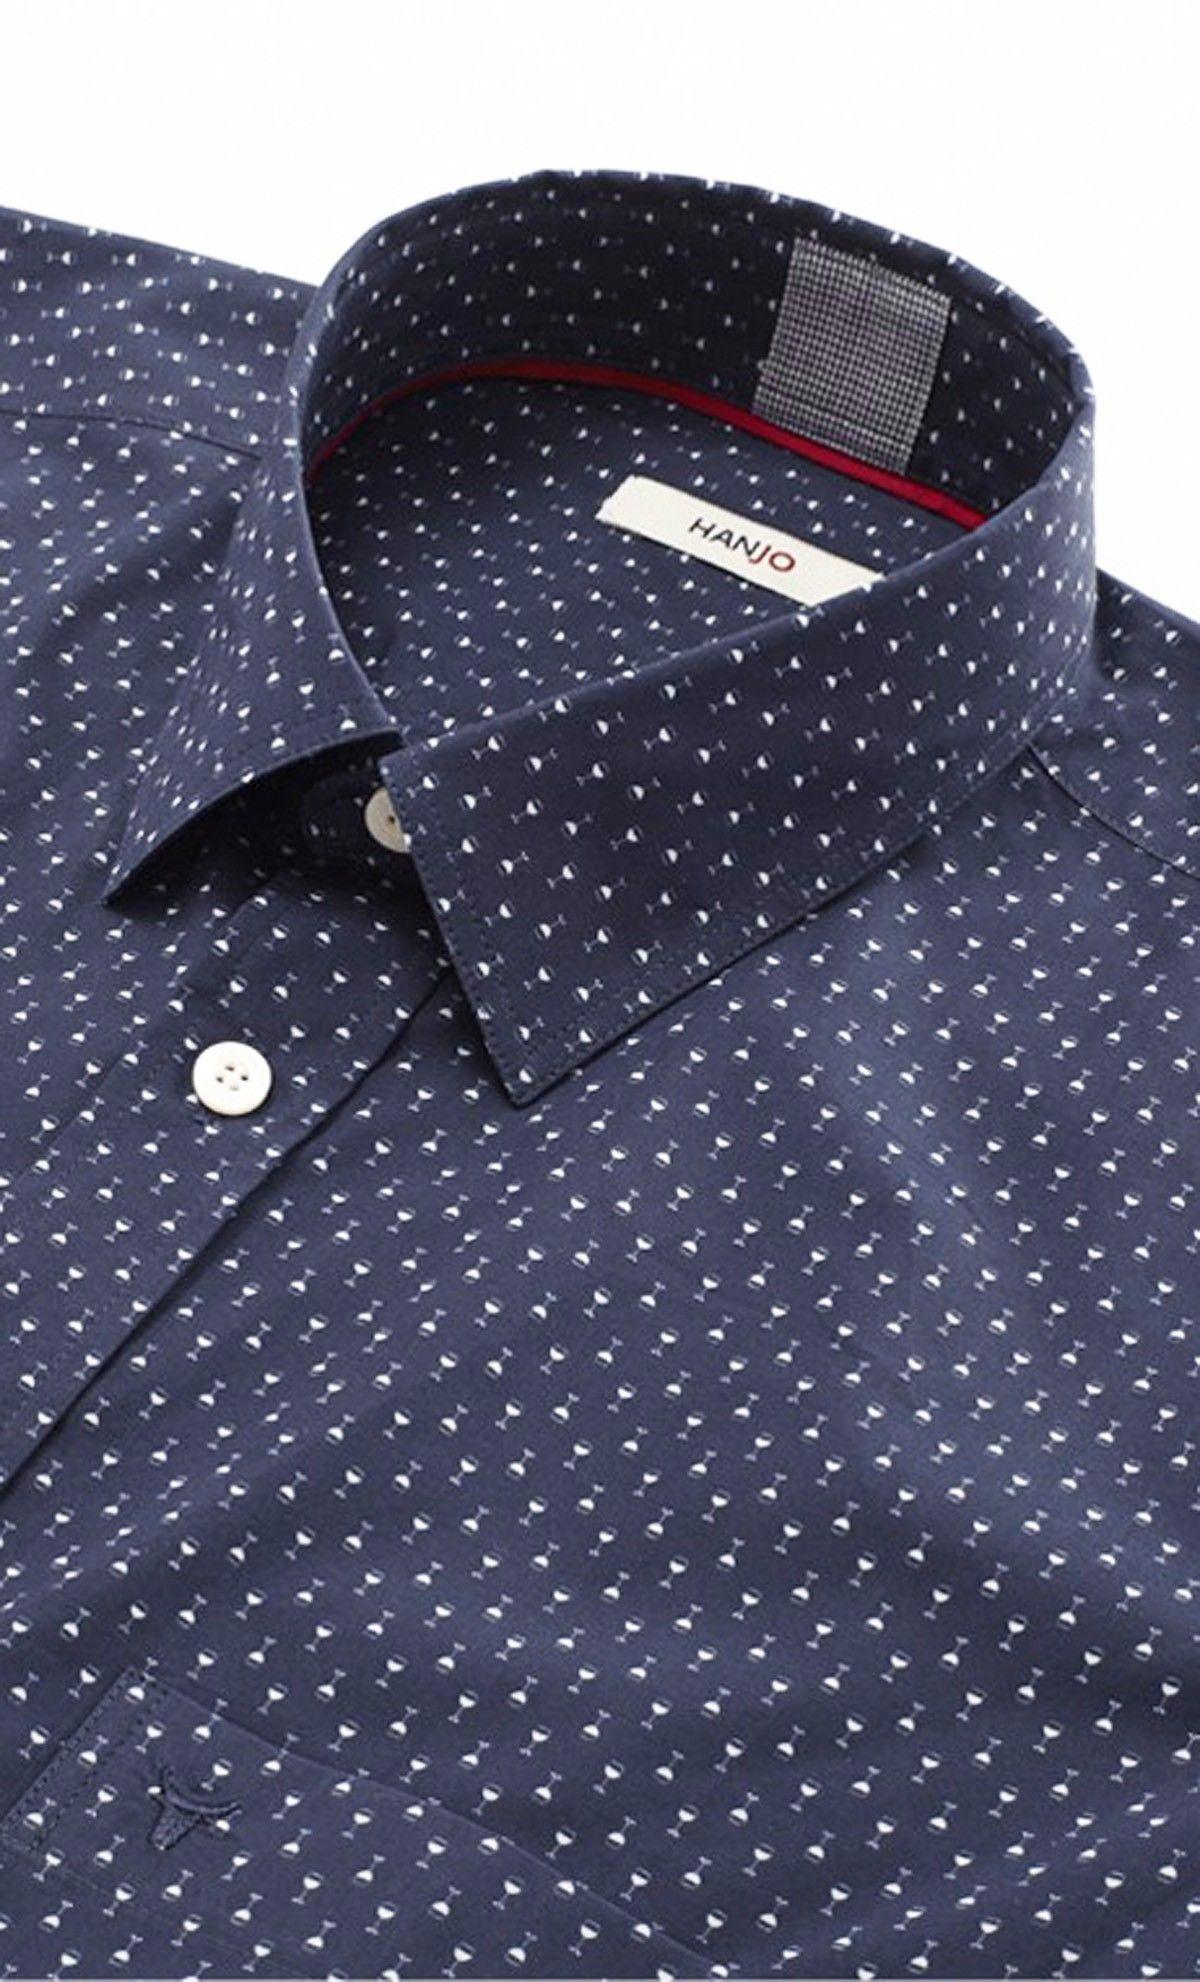 chemise mode homme bleue marine motif imprim pois. Black Bedroom Furniture Sets. Home Design Ideas